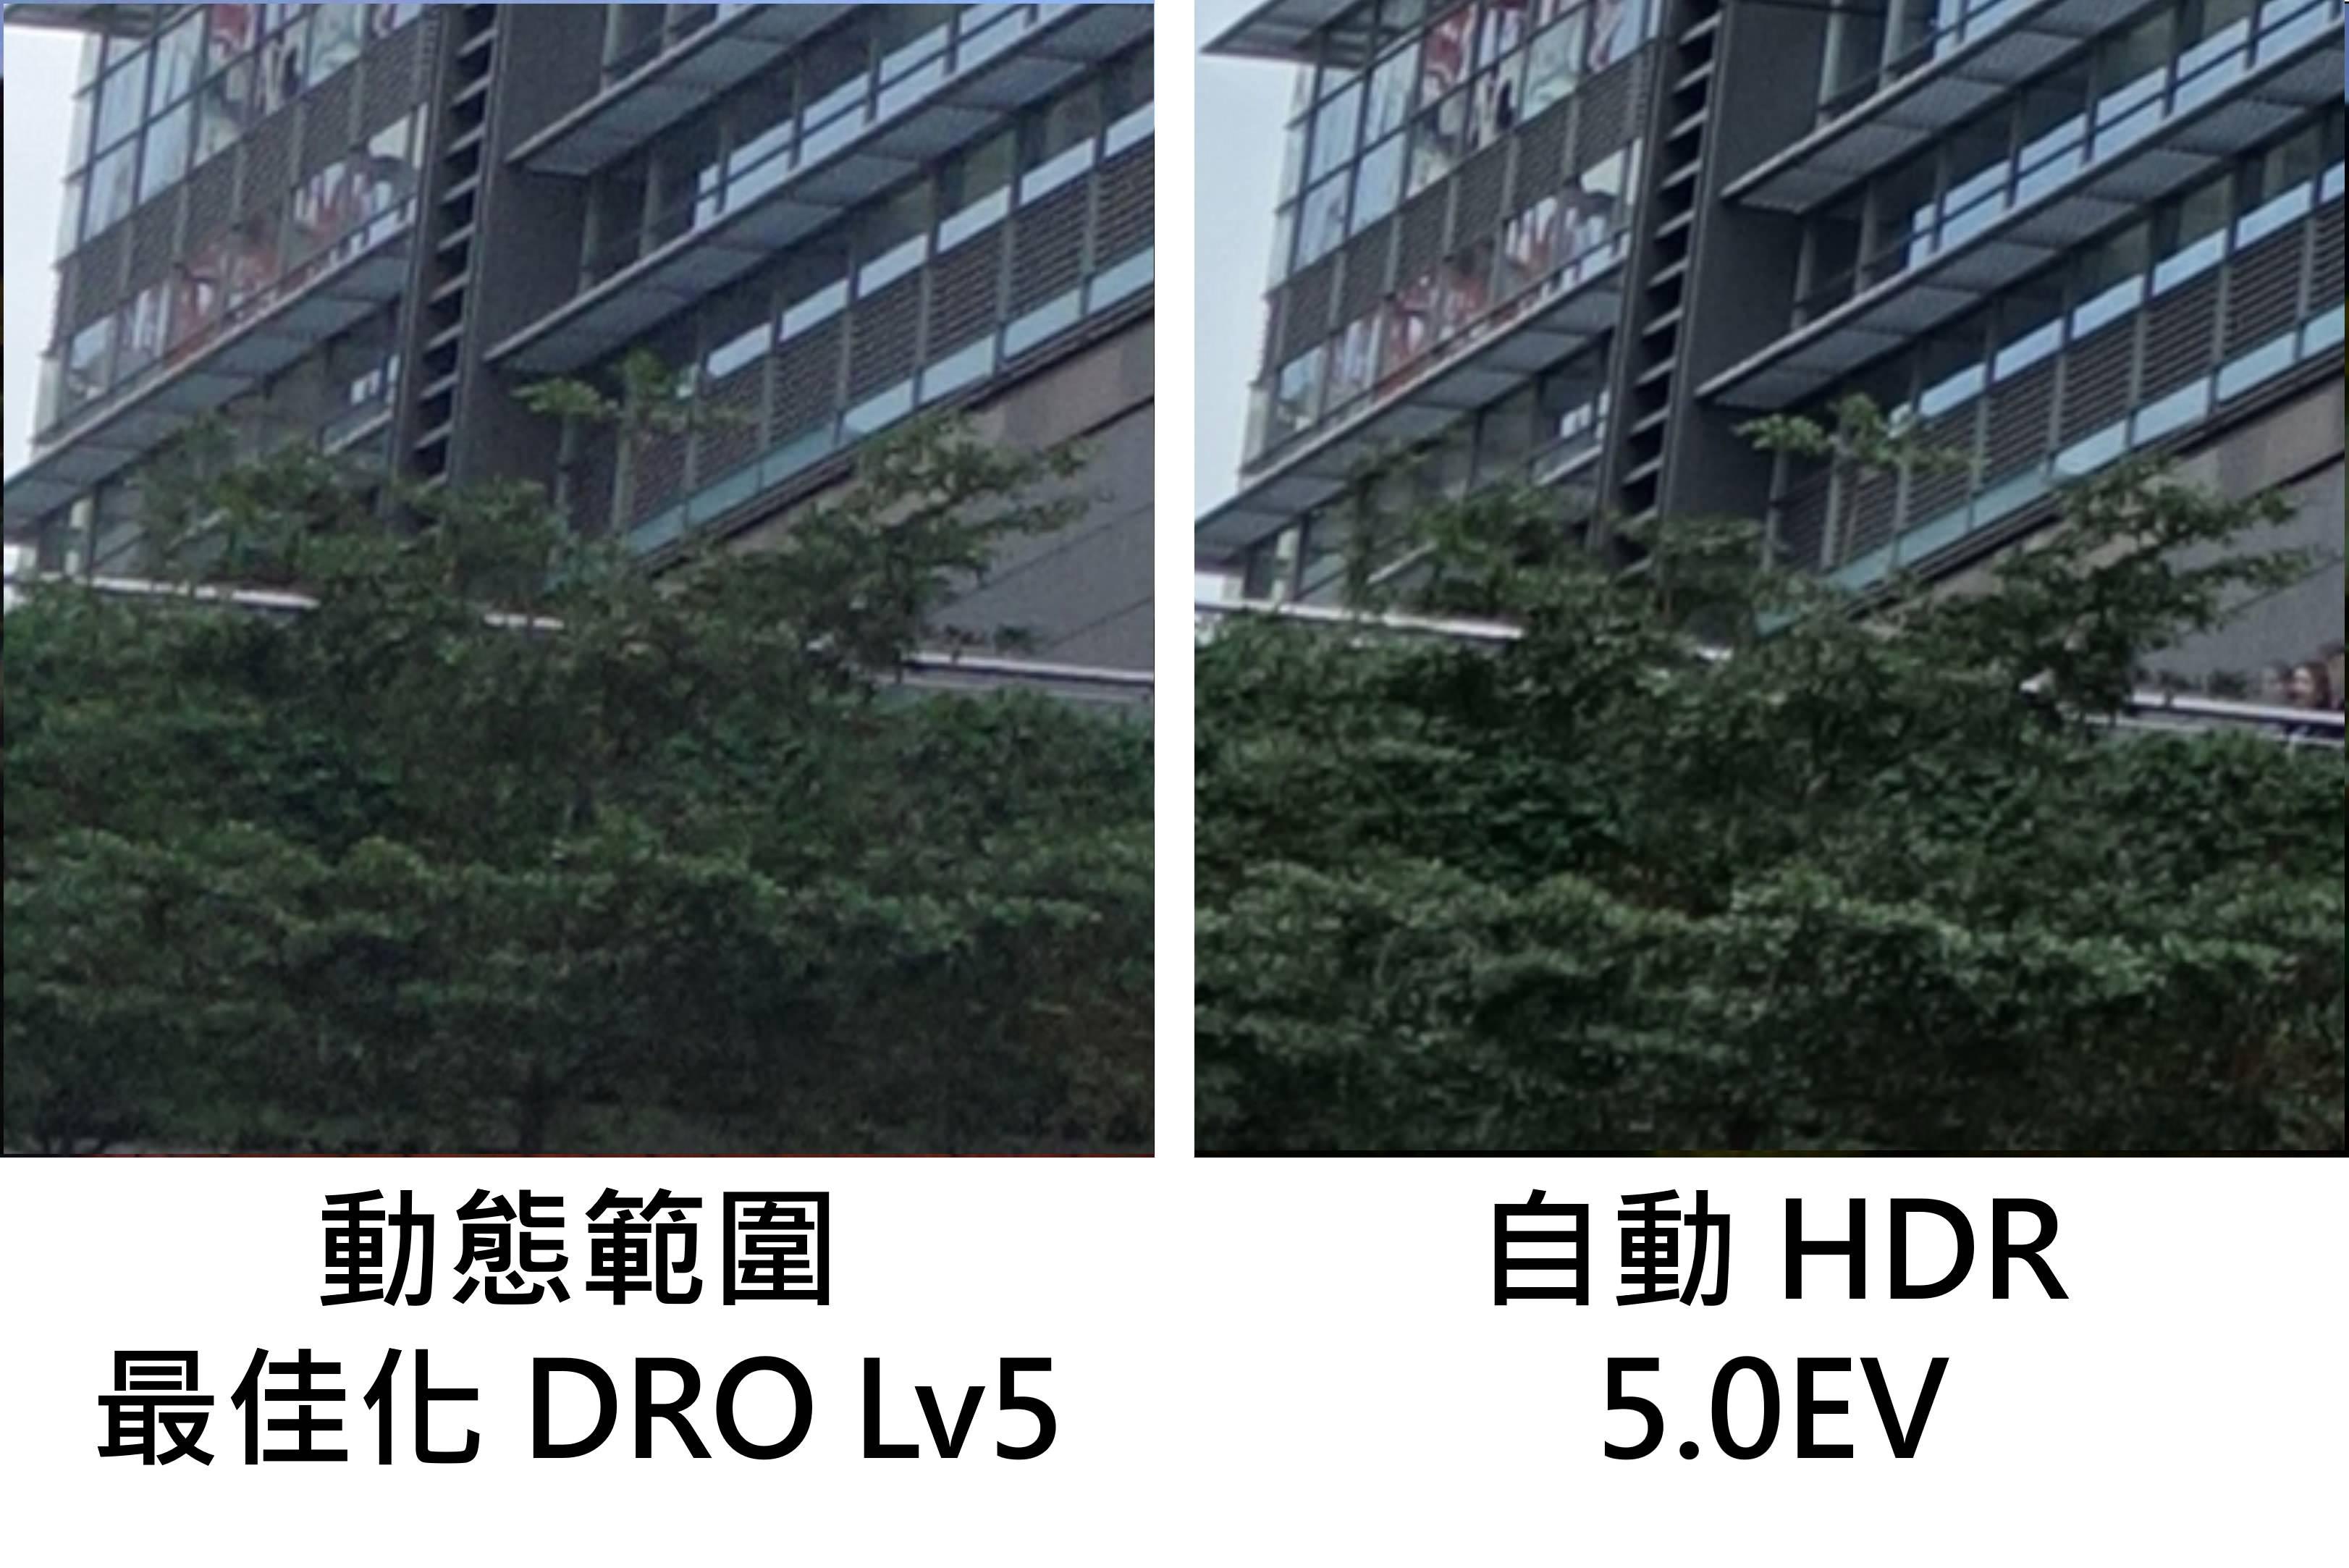 自動 HDR